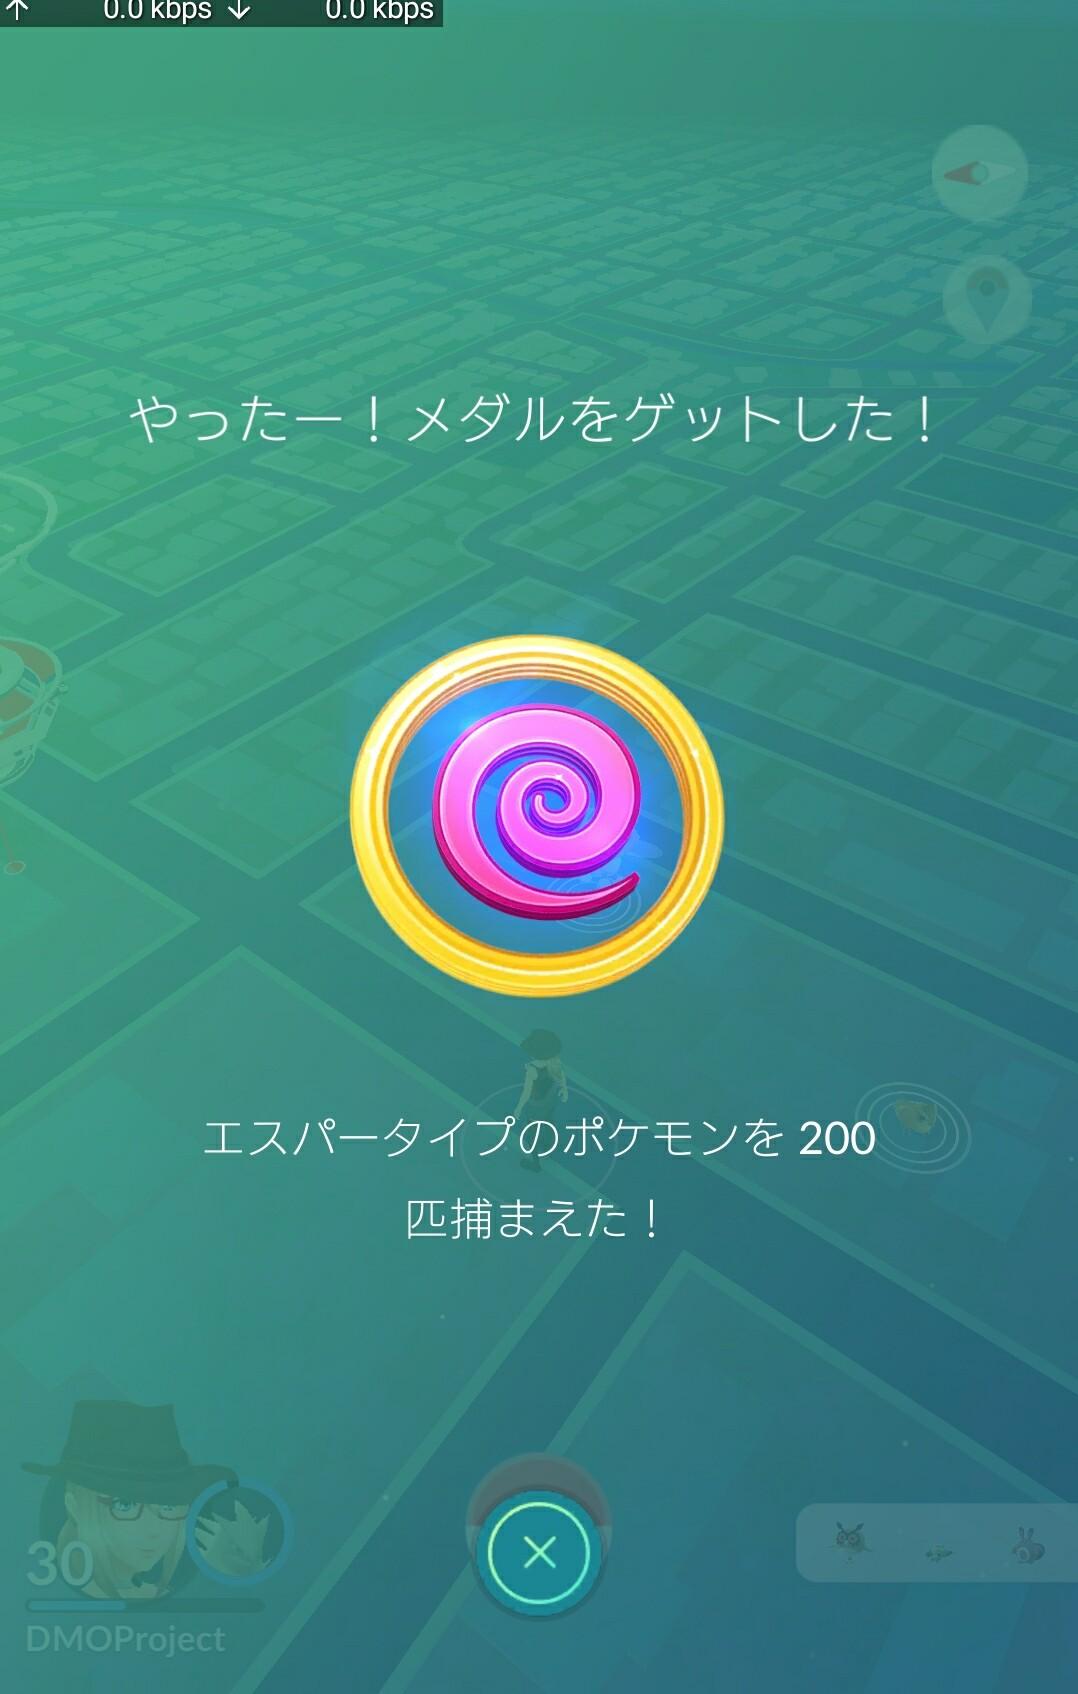 20170916103236989.jpg